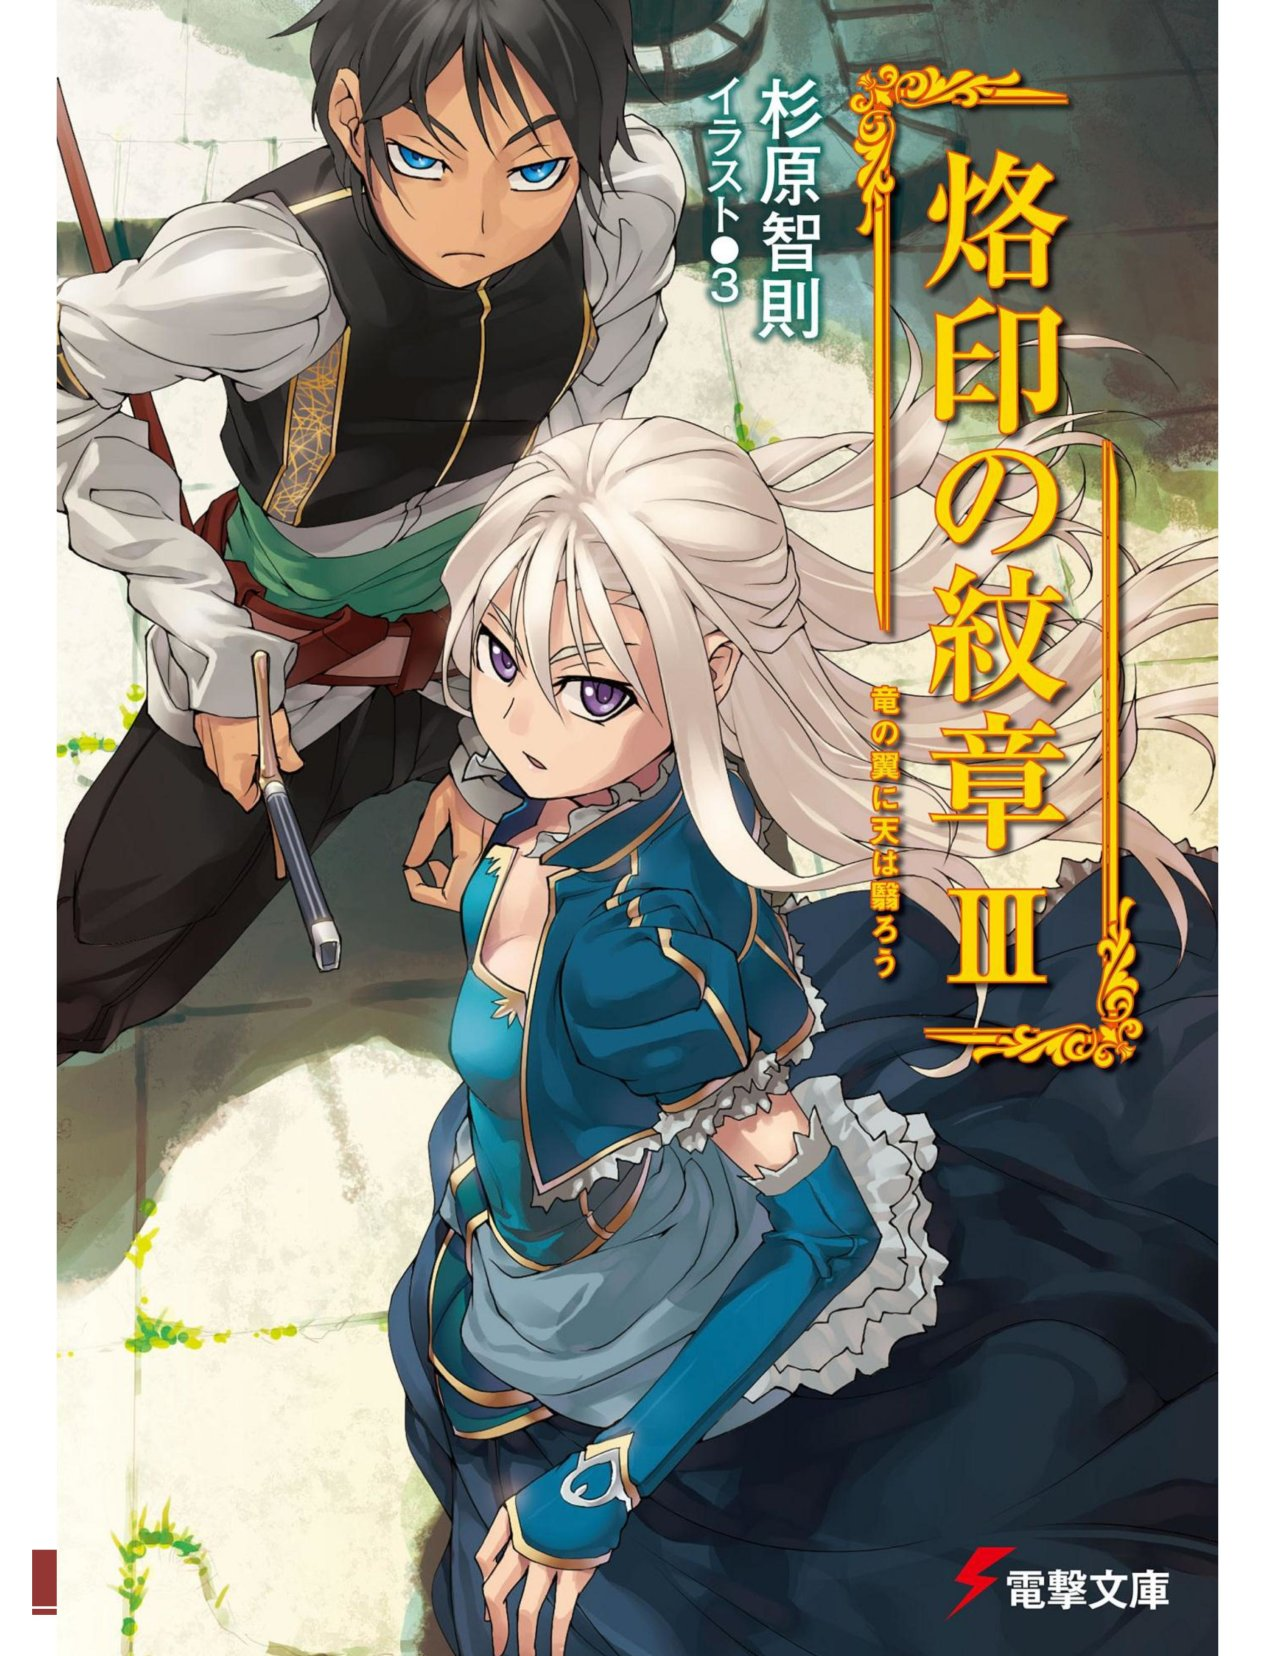 https://c9.mangatag.com/es_manga/pic5/22/25558/727844/39f1efe347e996ac5847f519d182ffdd.jpg Page 1